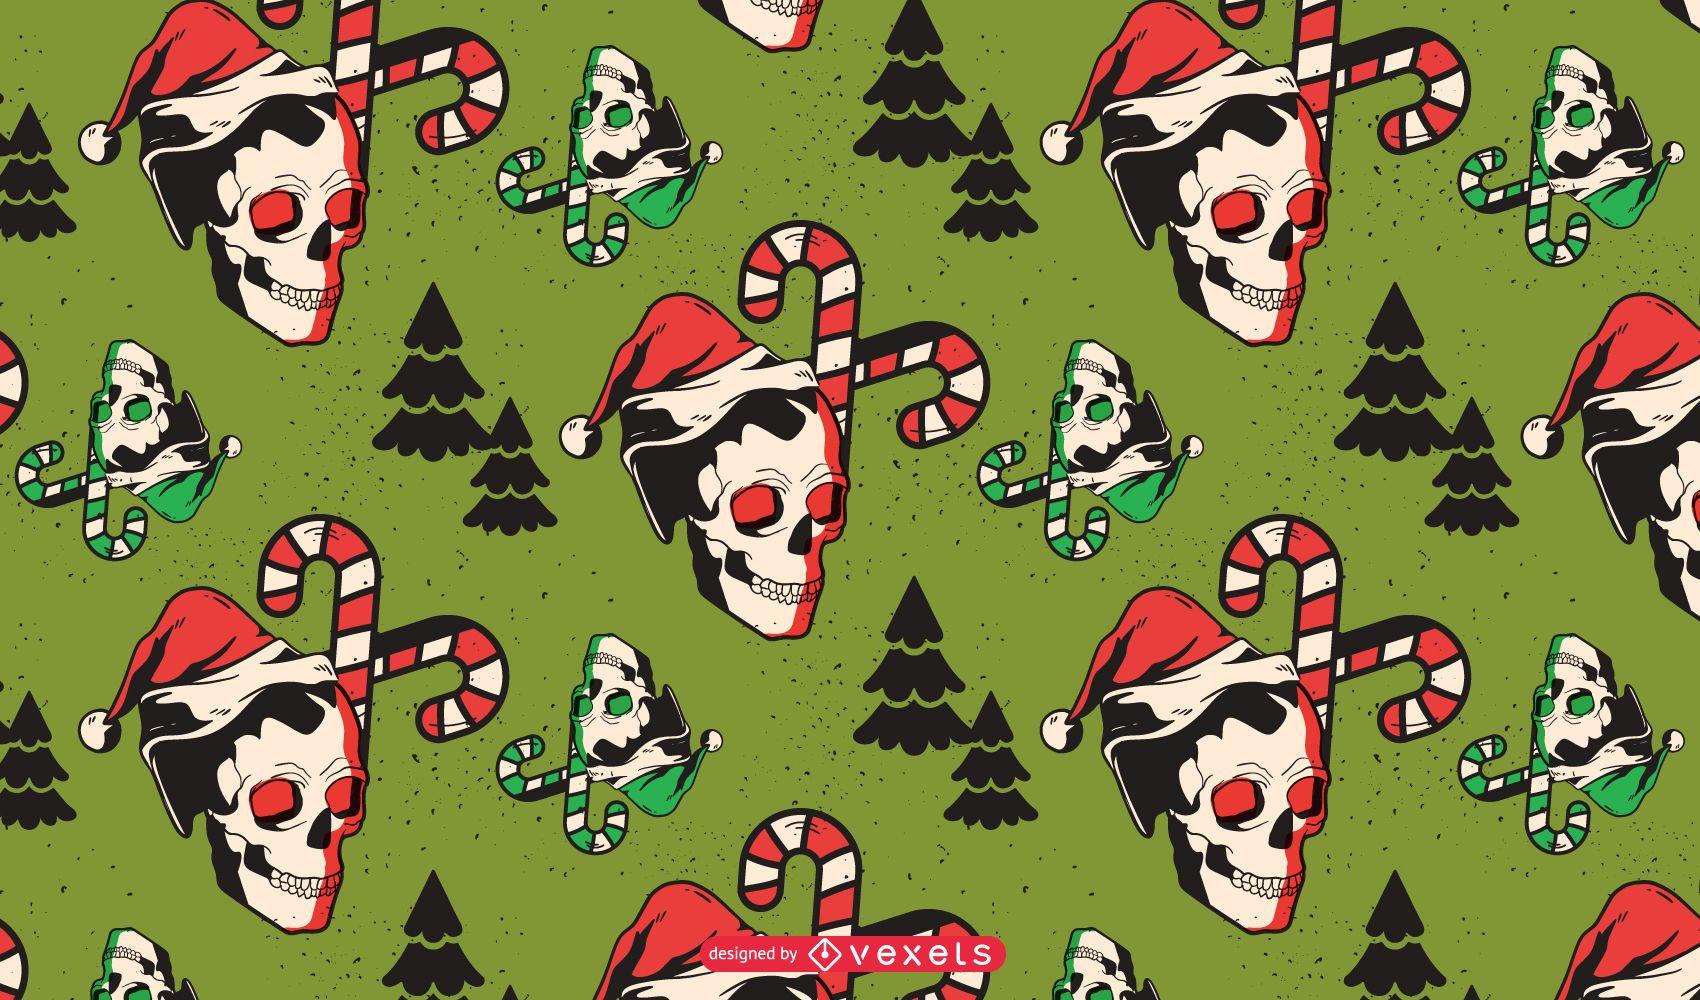 Diseño de patrón de calaveras navideñas